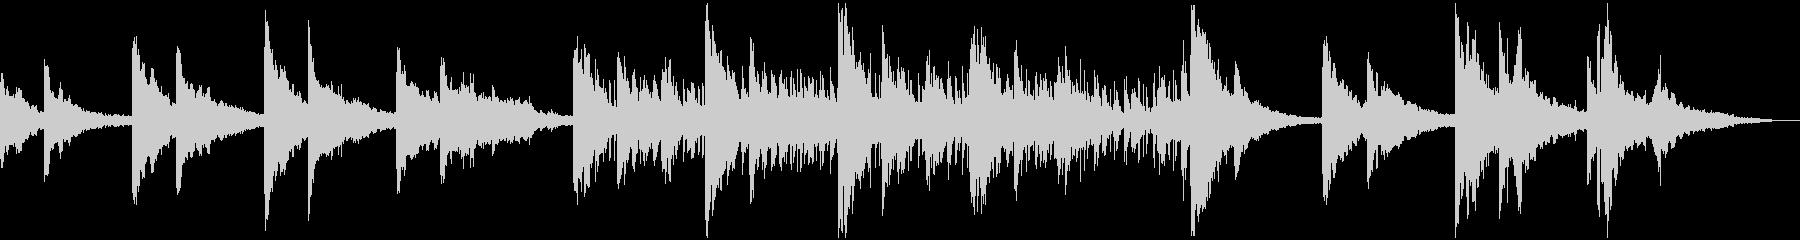 ピアノメインのLo-fiHipHopの未再生の波形